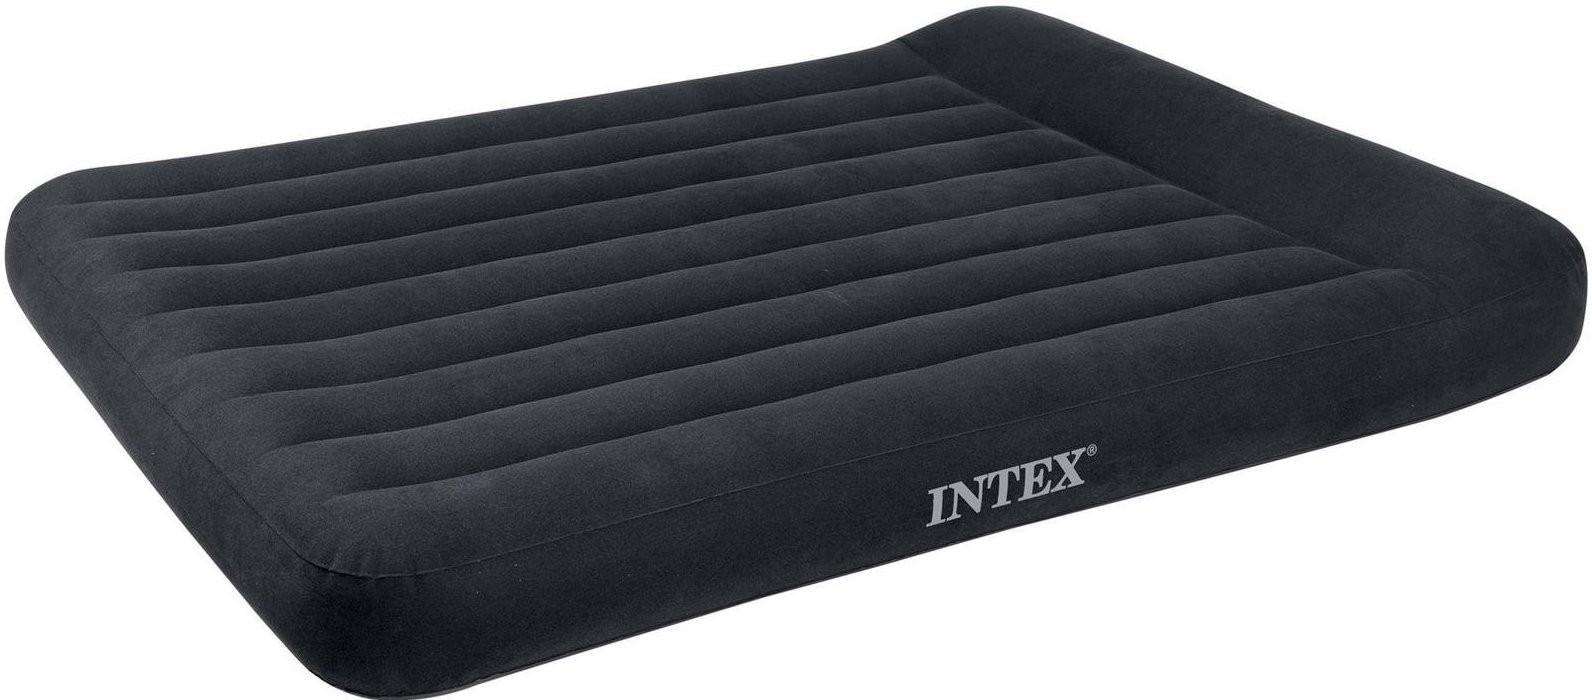 5bcf3b67e10ad INTEX - nafukovacia posteľ 66769 Classic Pillow QUEEN - Market24.sk